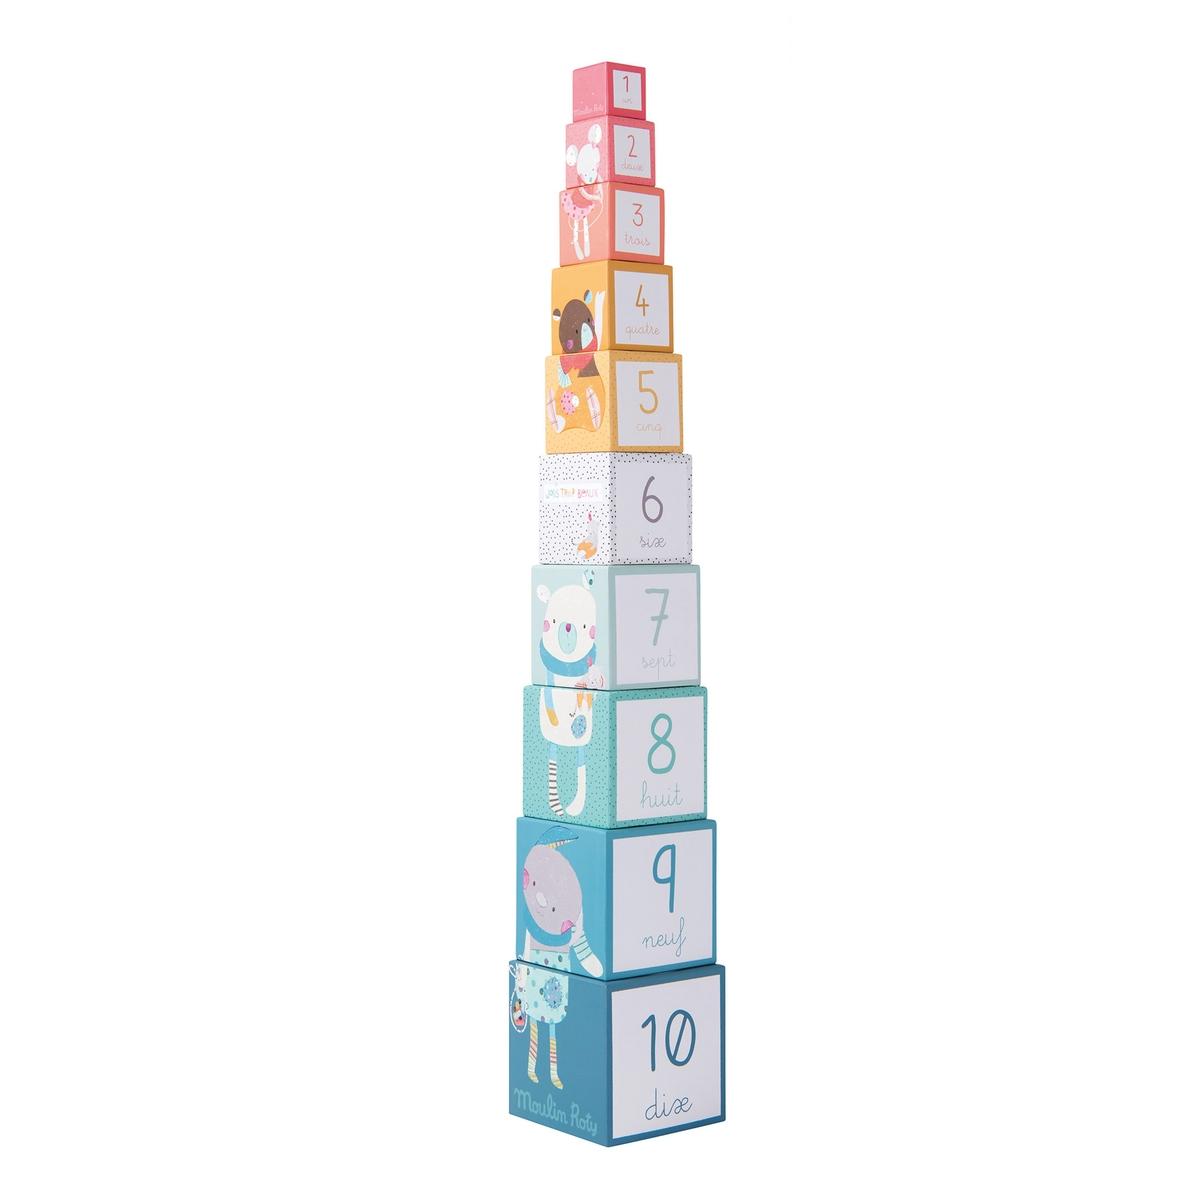 Cubi impilabili Les Jolis trop beaux